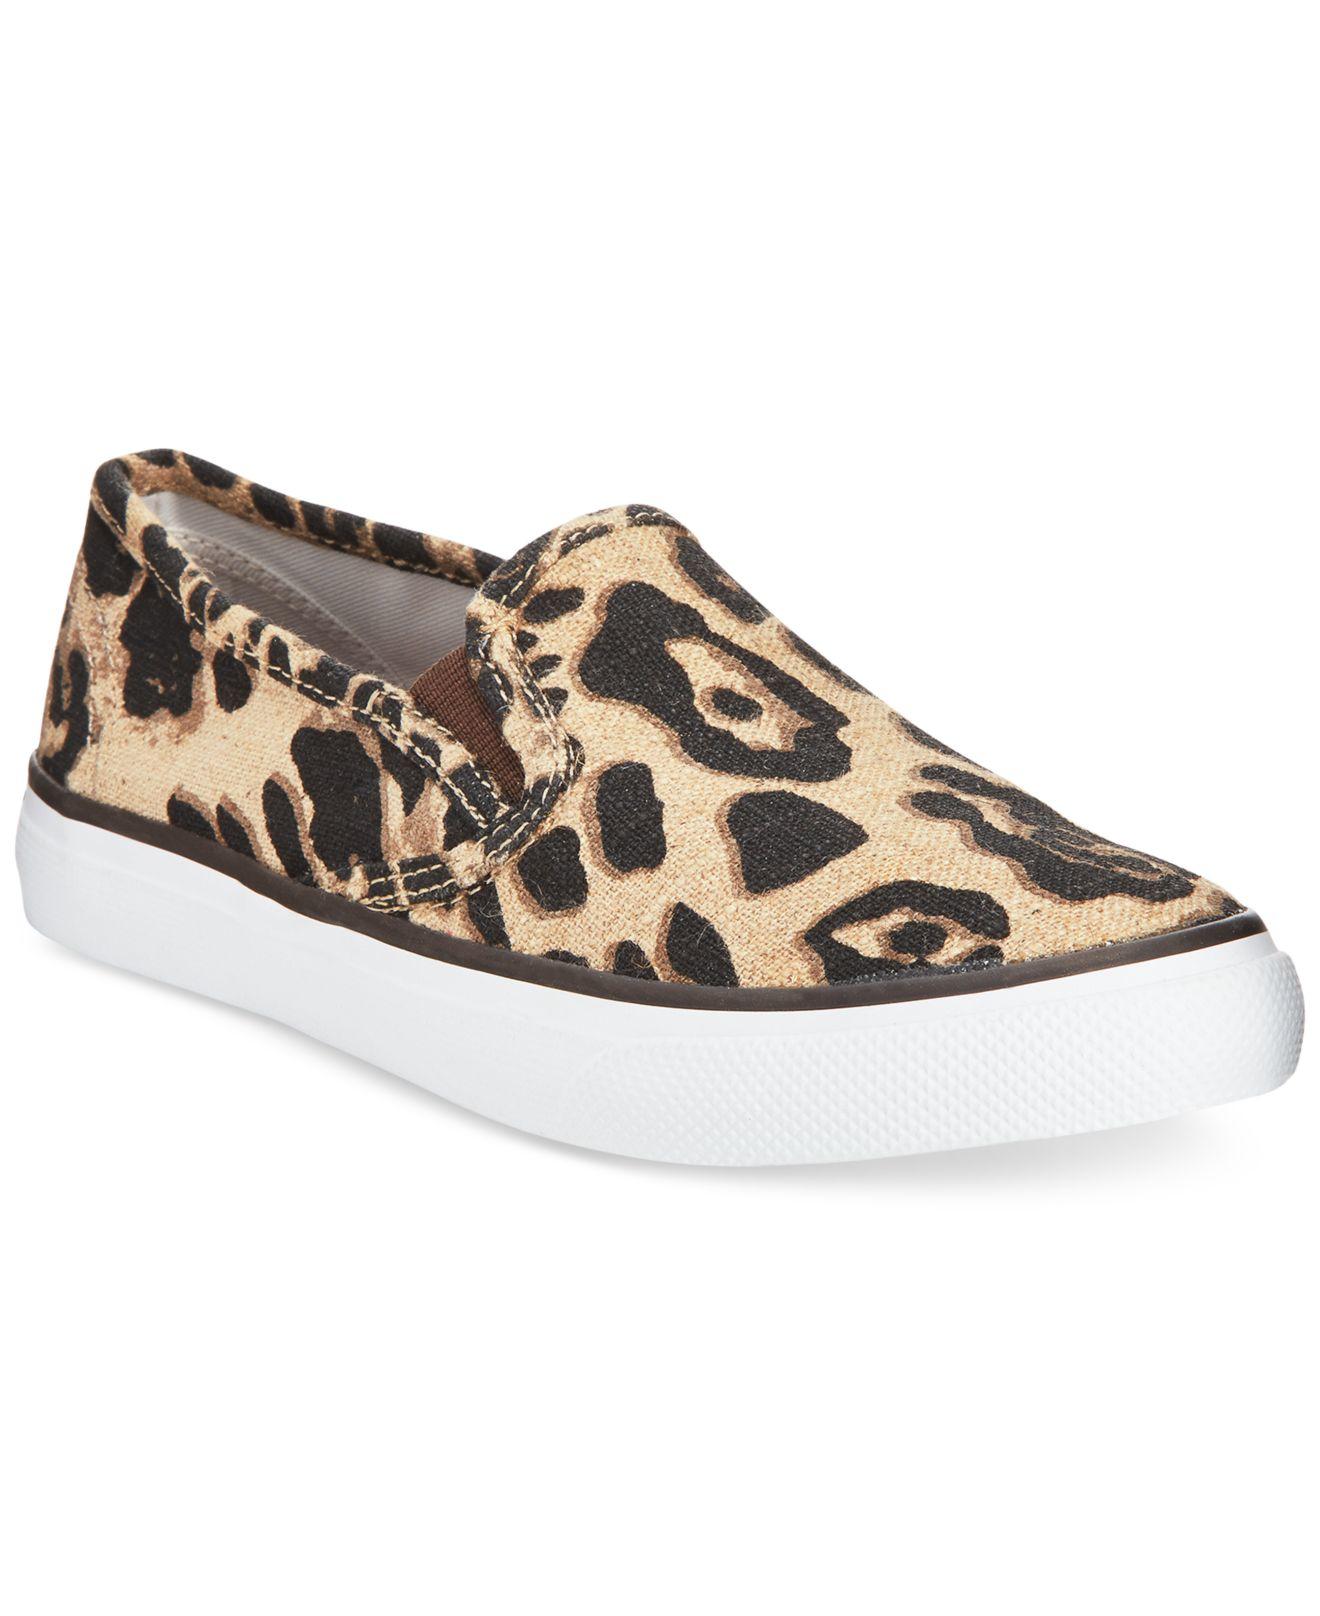 nike leopard slip on